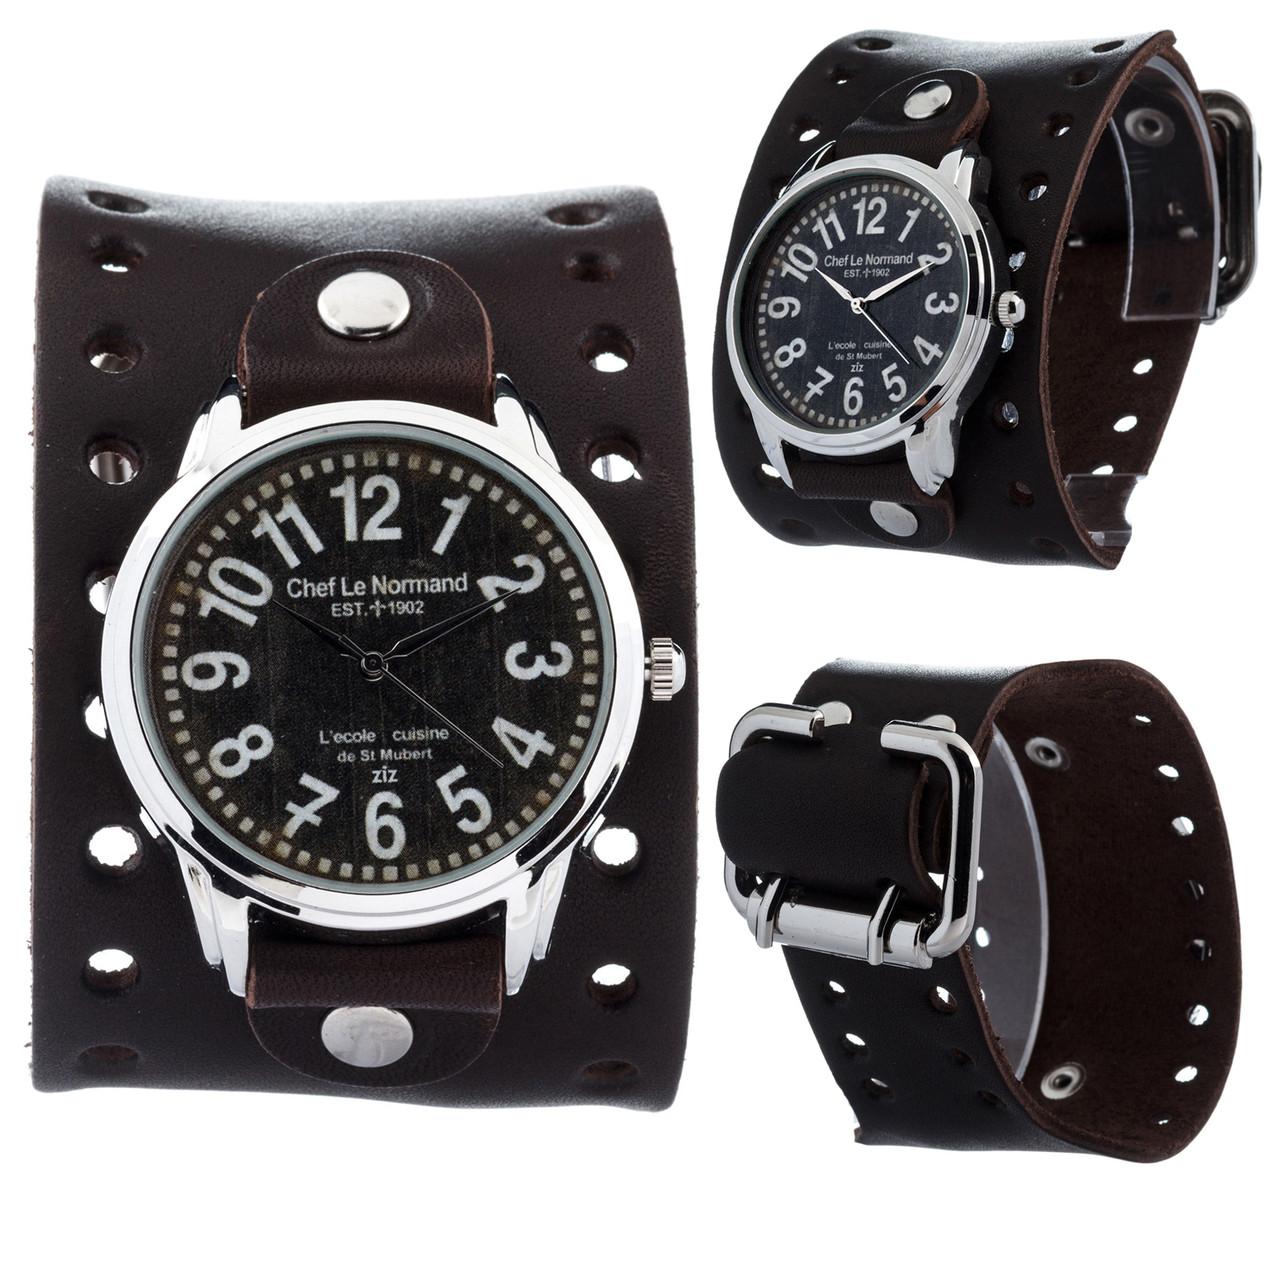 Часы на широком ремешке купить недорого купить часы с боем в иркутске